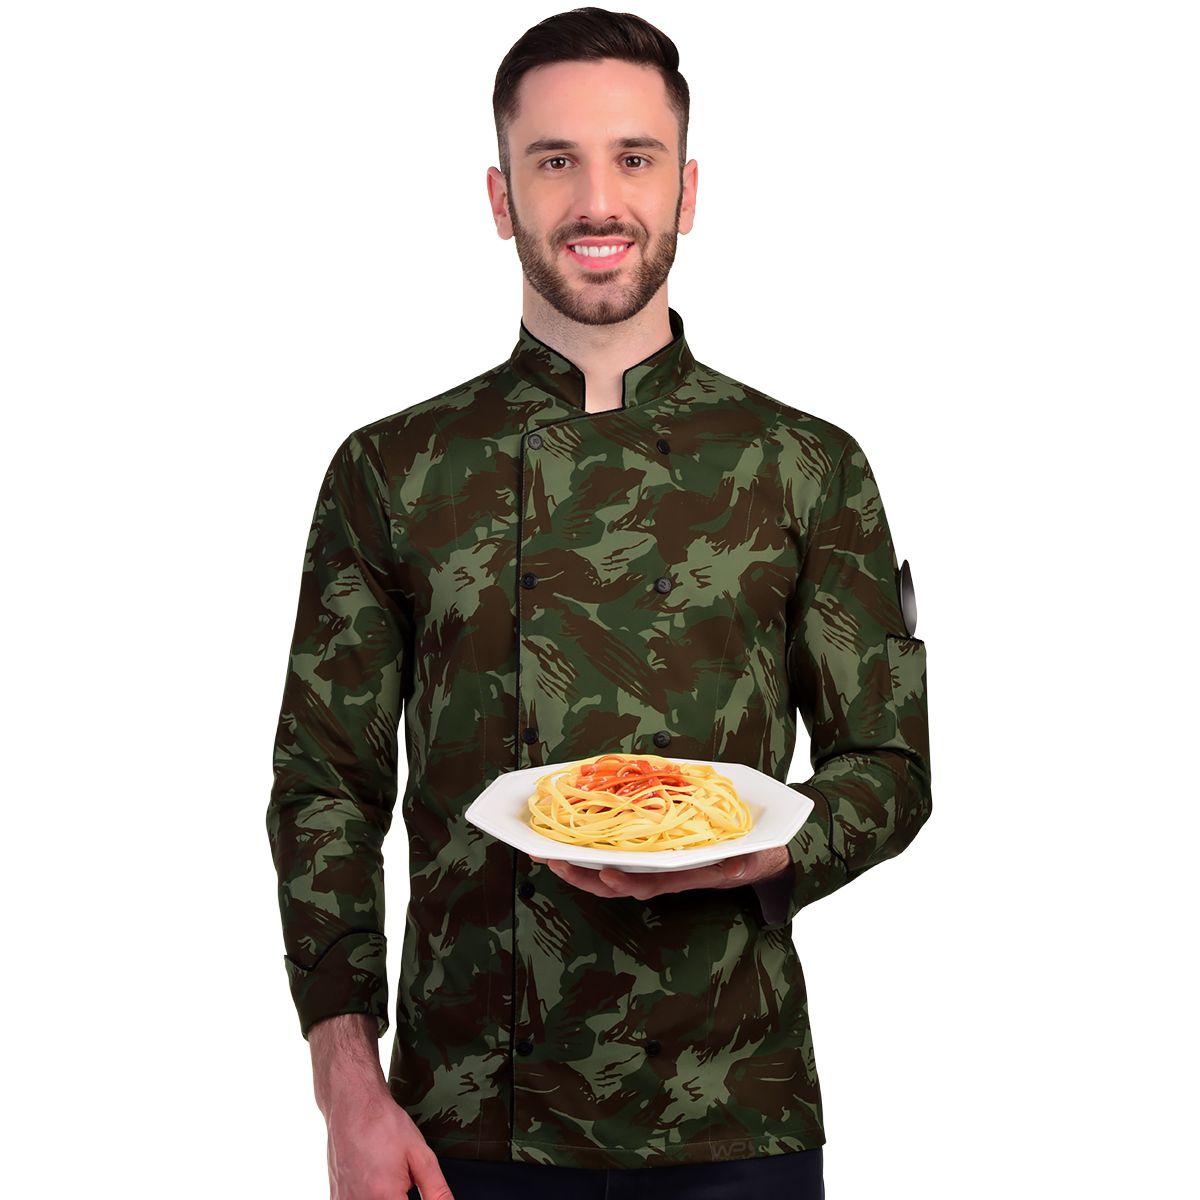 Dólmã Camuflado Chef de Cozinha Exército Brasileiro